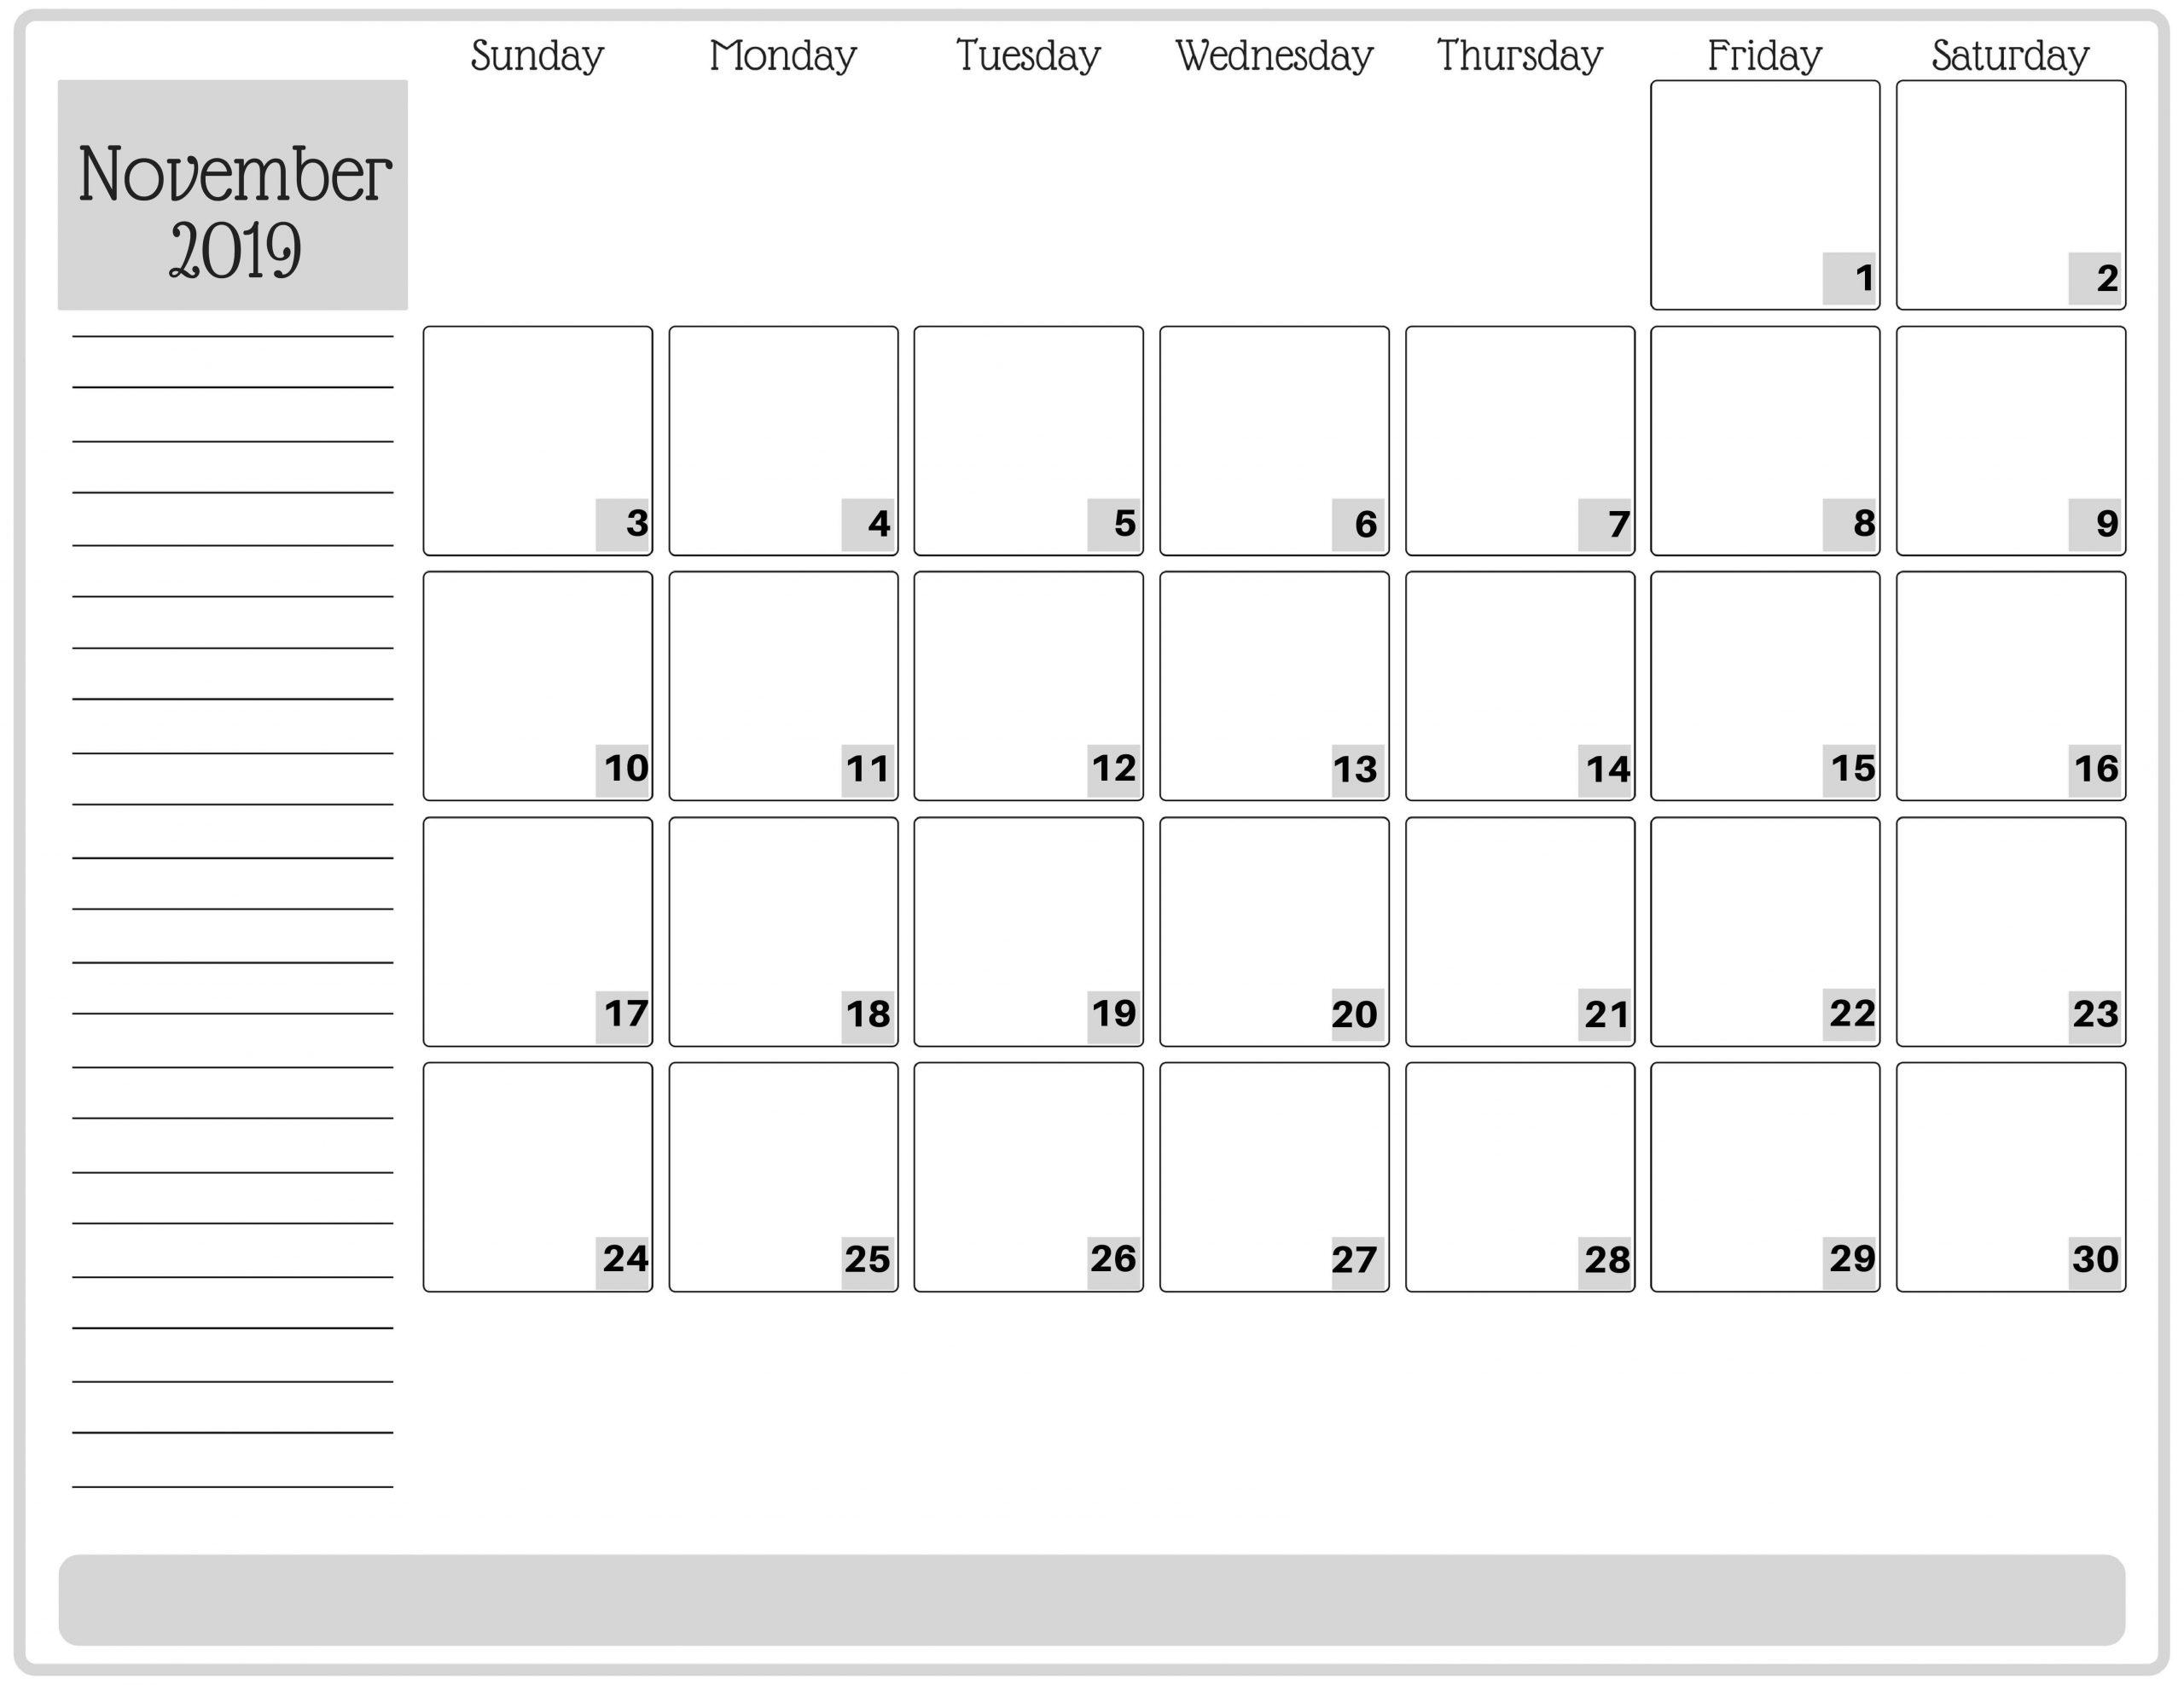 Fillable Calendar November 2019